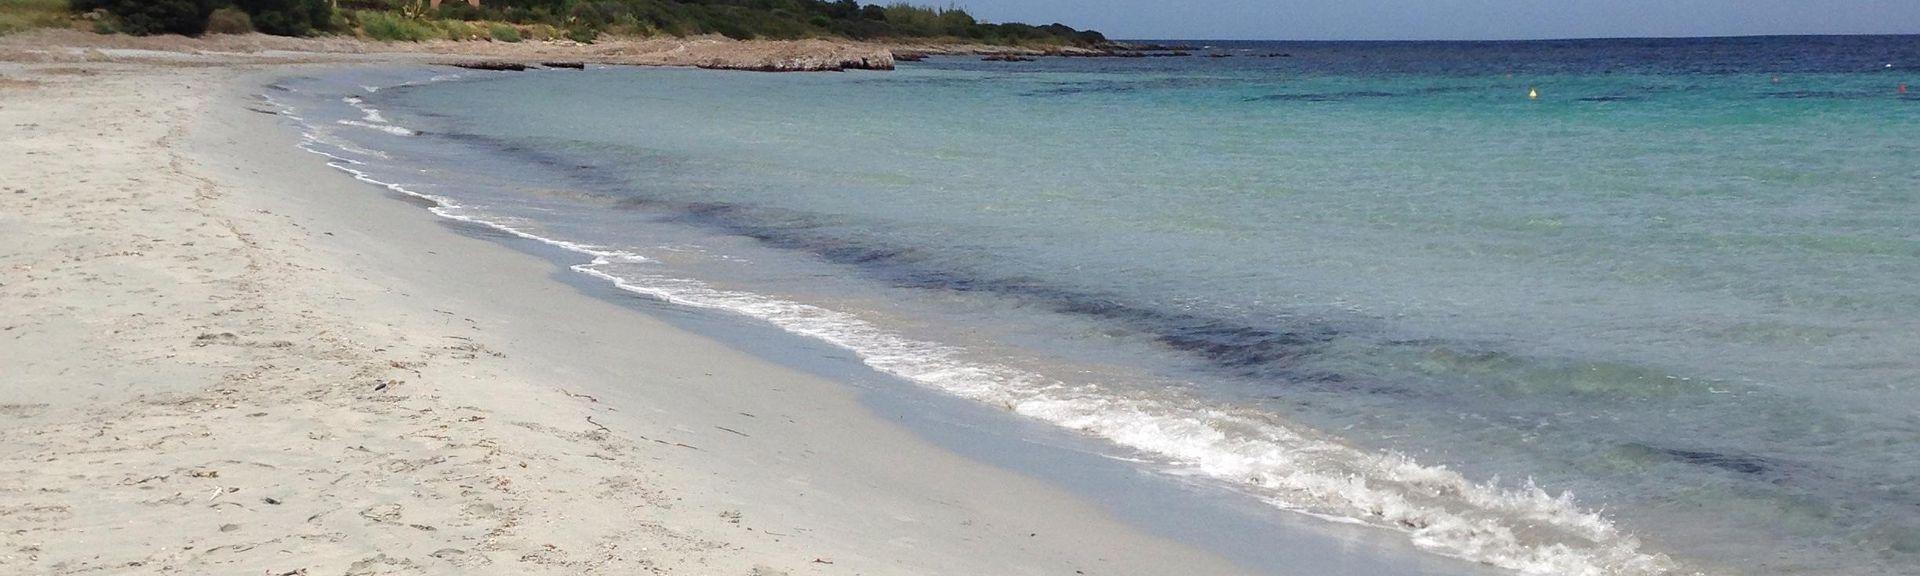 La Isuledda-stranden, San Teodoro, Sardinia, Italia